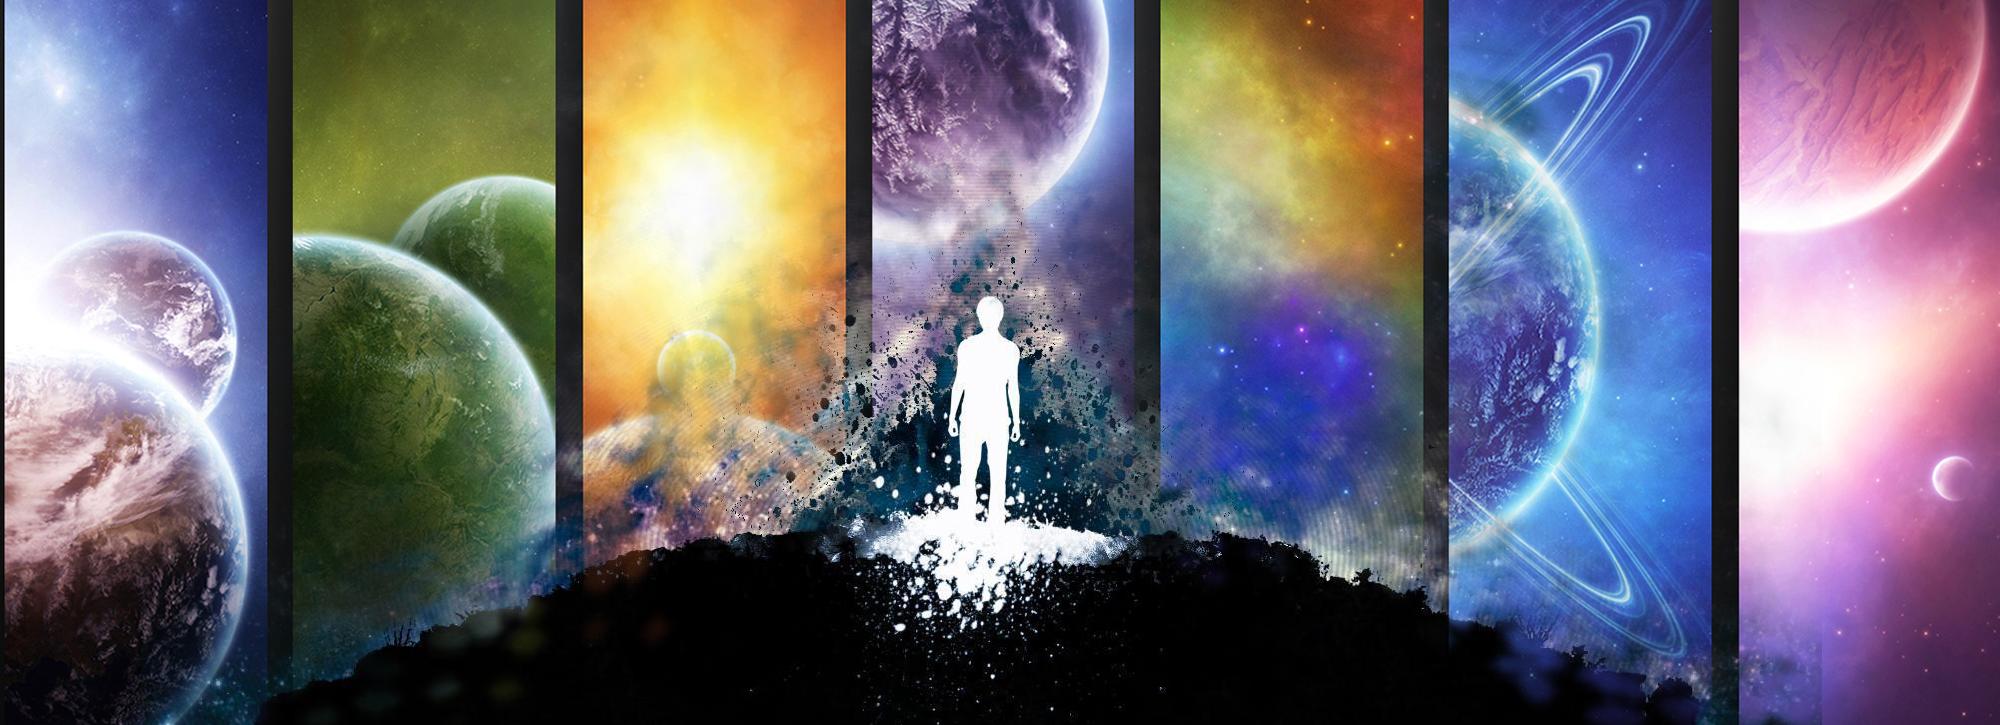 Духовный мир и материальный мир